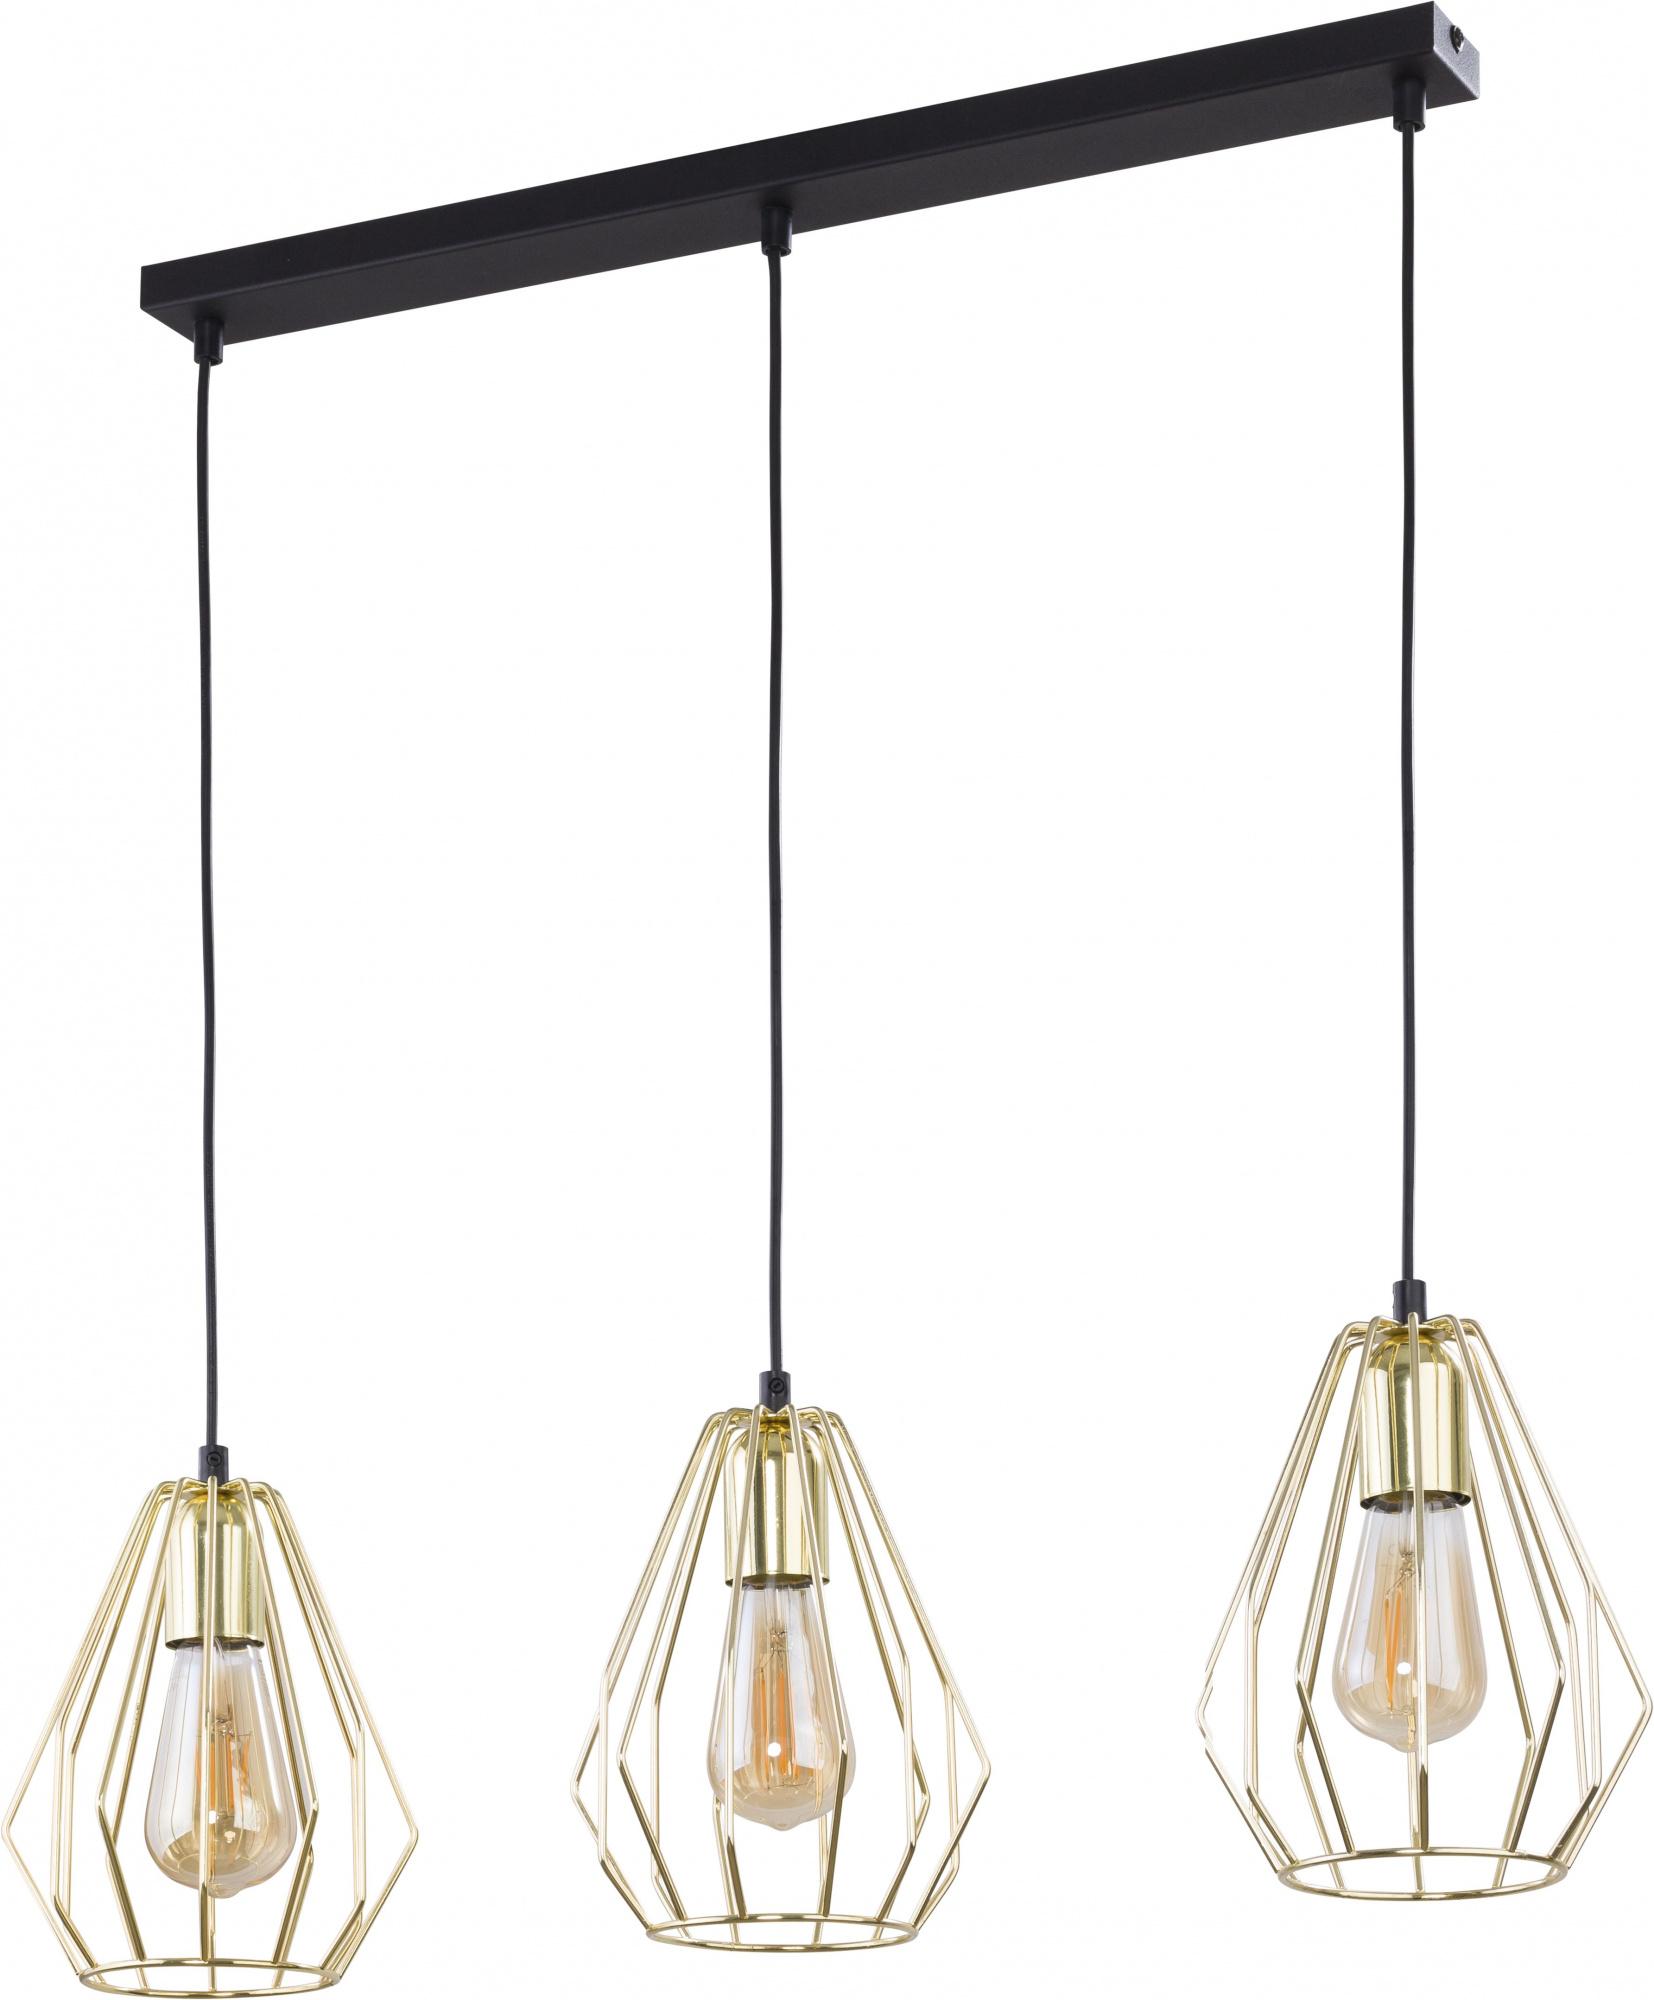 TK Lighting TK-2789 Brylant lámpa függeszték